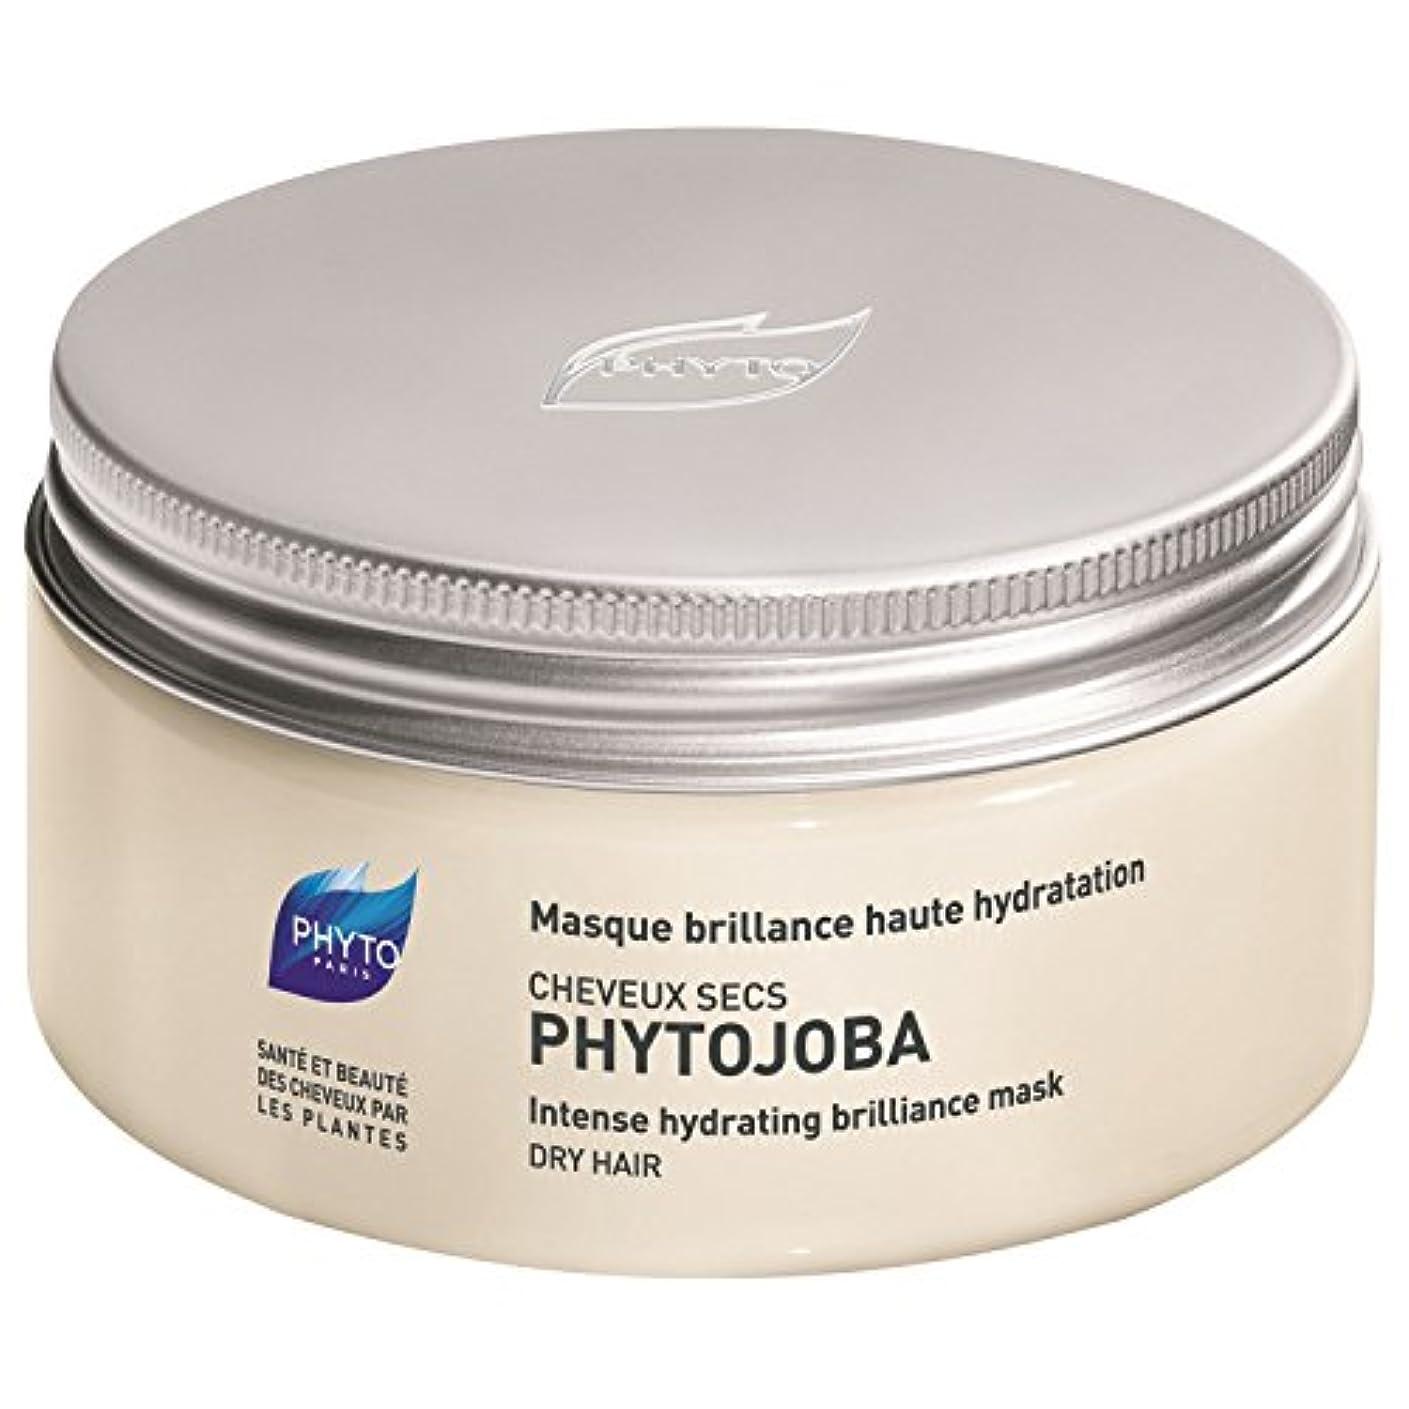 モンクズボン節約するフィトPhytojoba強烈な水分補給マスク200ミリリットル (Phyto) - Phyto Phytojoba Intense Hydrating Mask 200ml [並行輸入品]